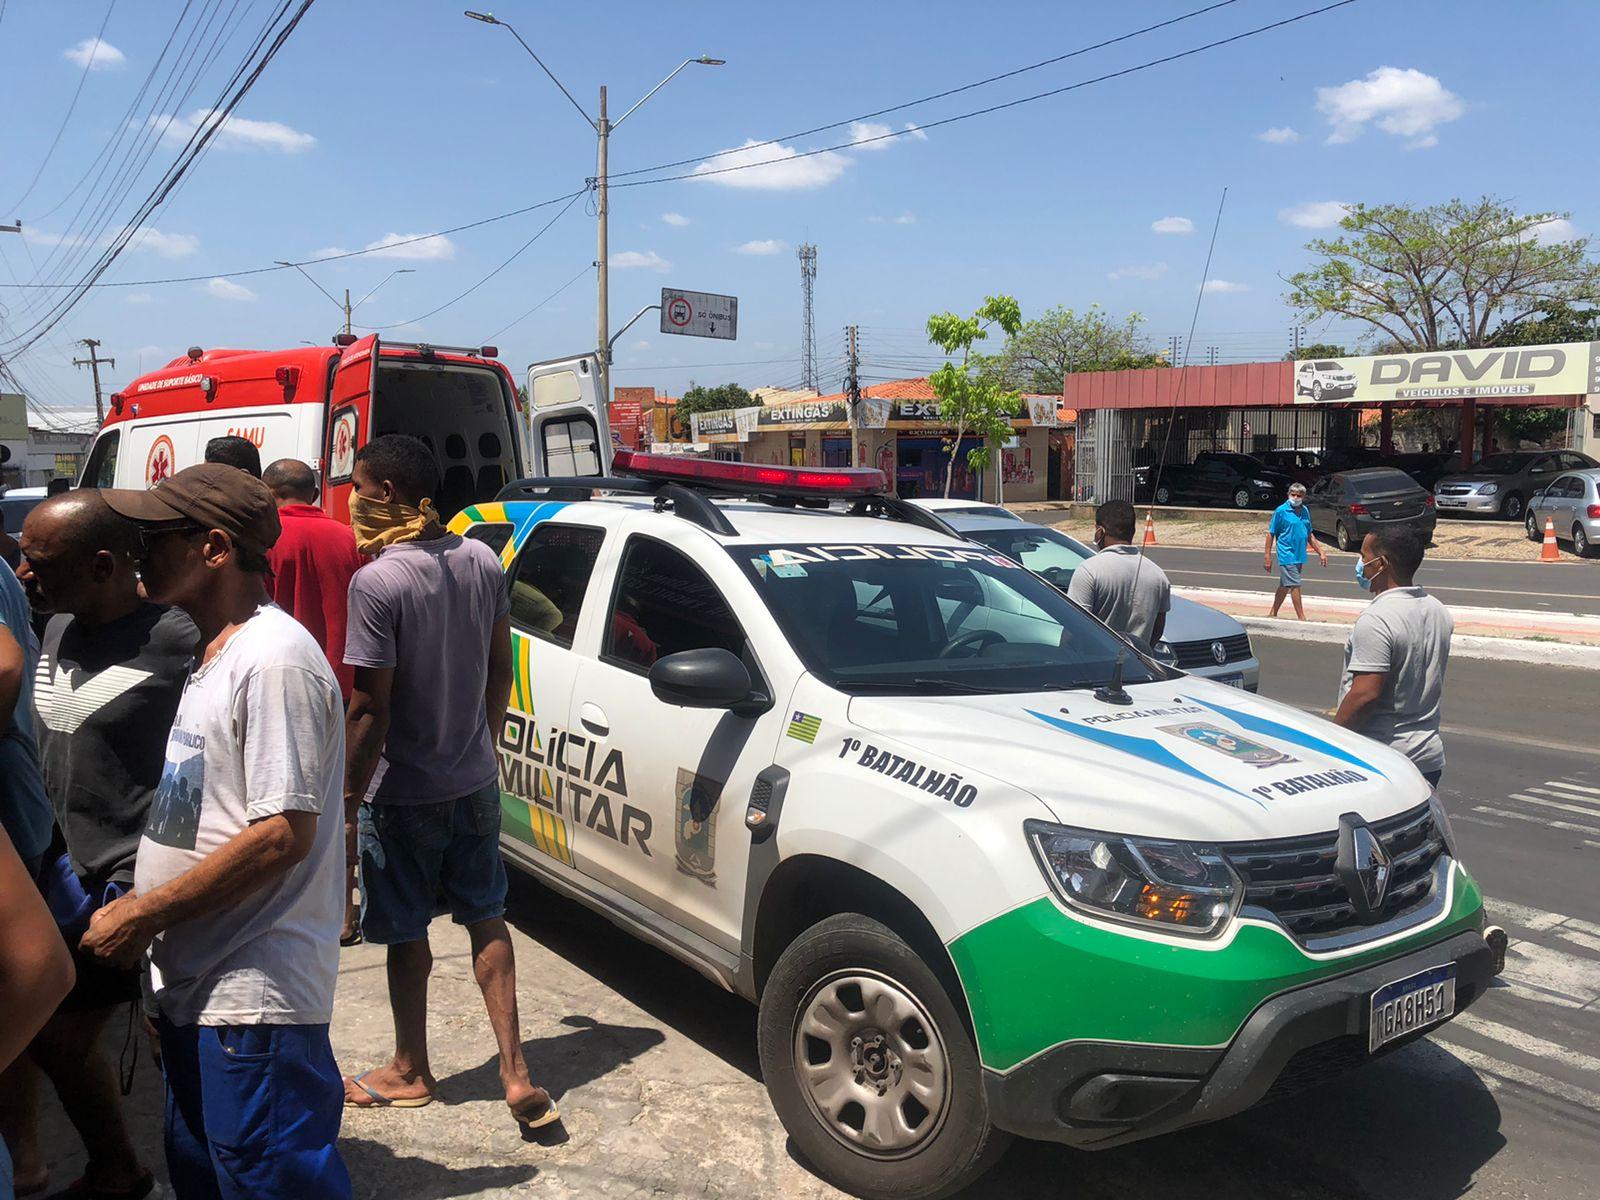 Policiais militares do 1º Batalhão se deslocaram até o local - Foto: Matheus Oliveira